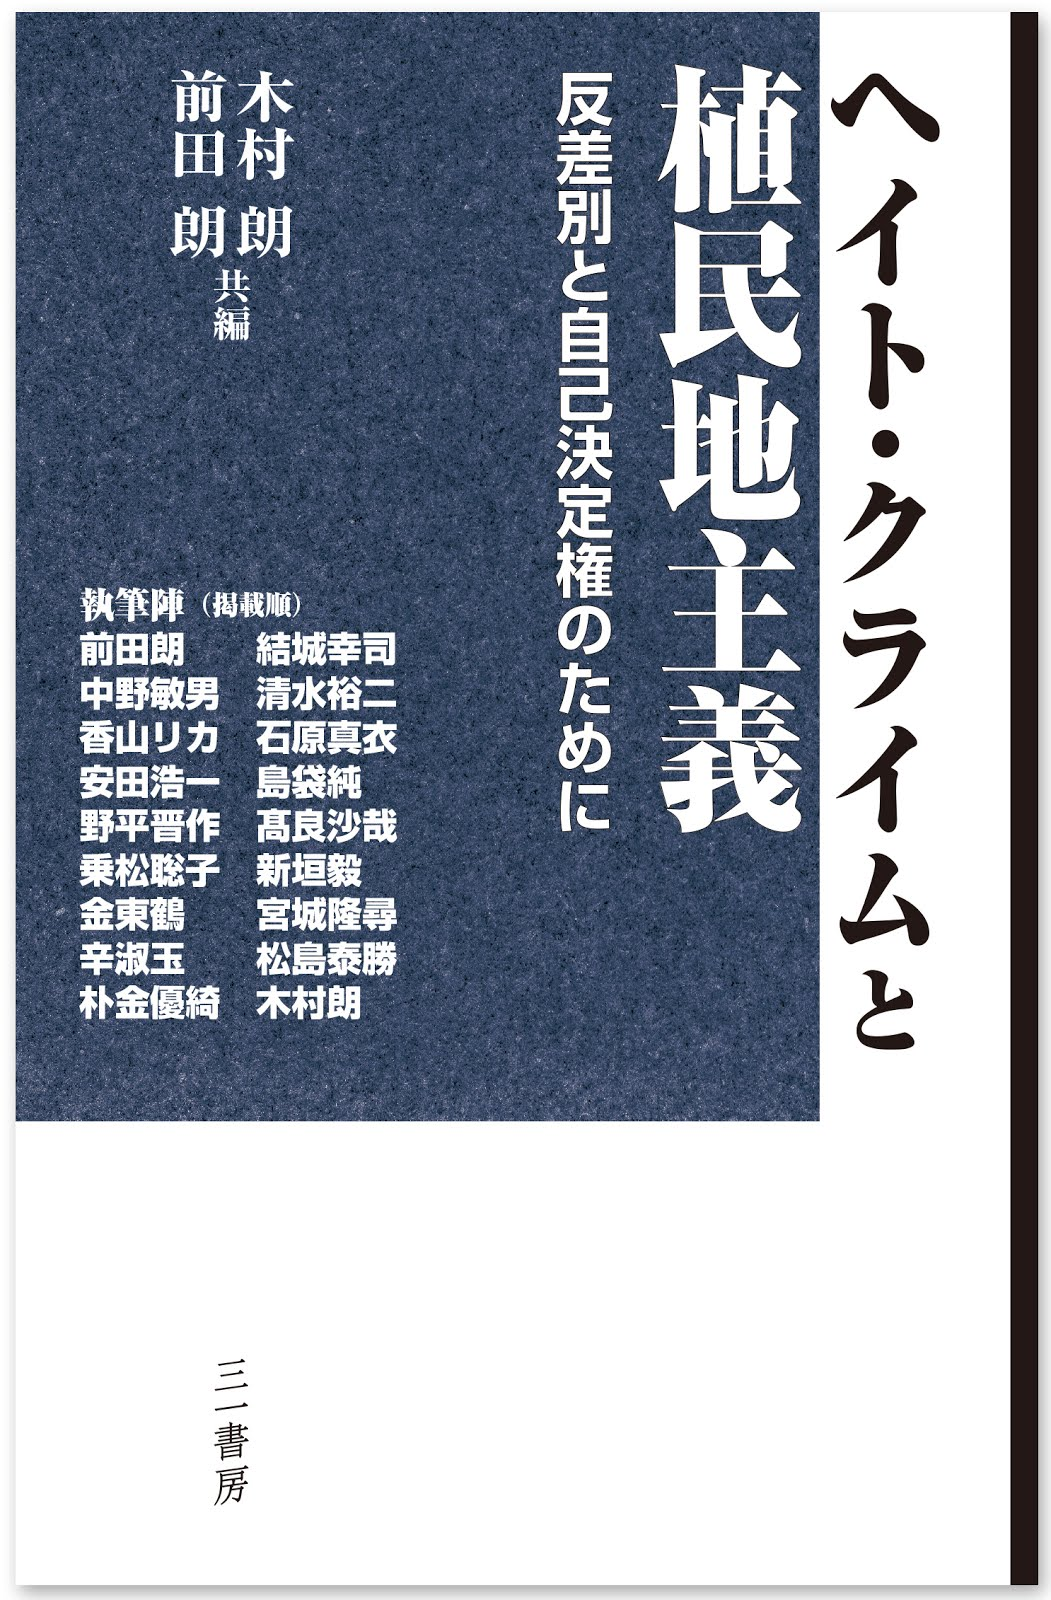 前田朗・木村朗編『ヘイトクライムと植民地主義』(三一書房)